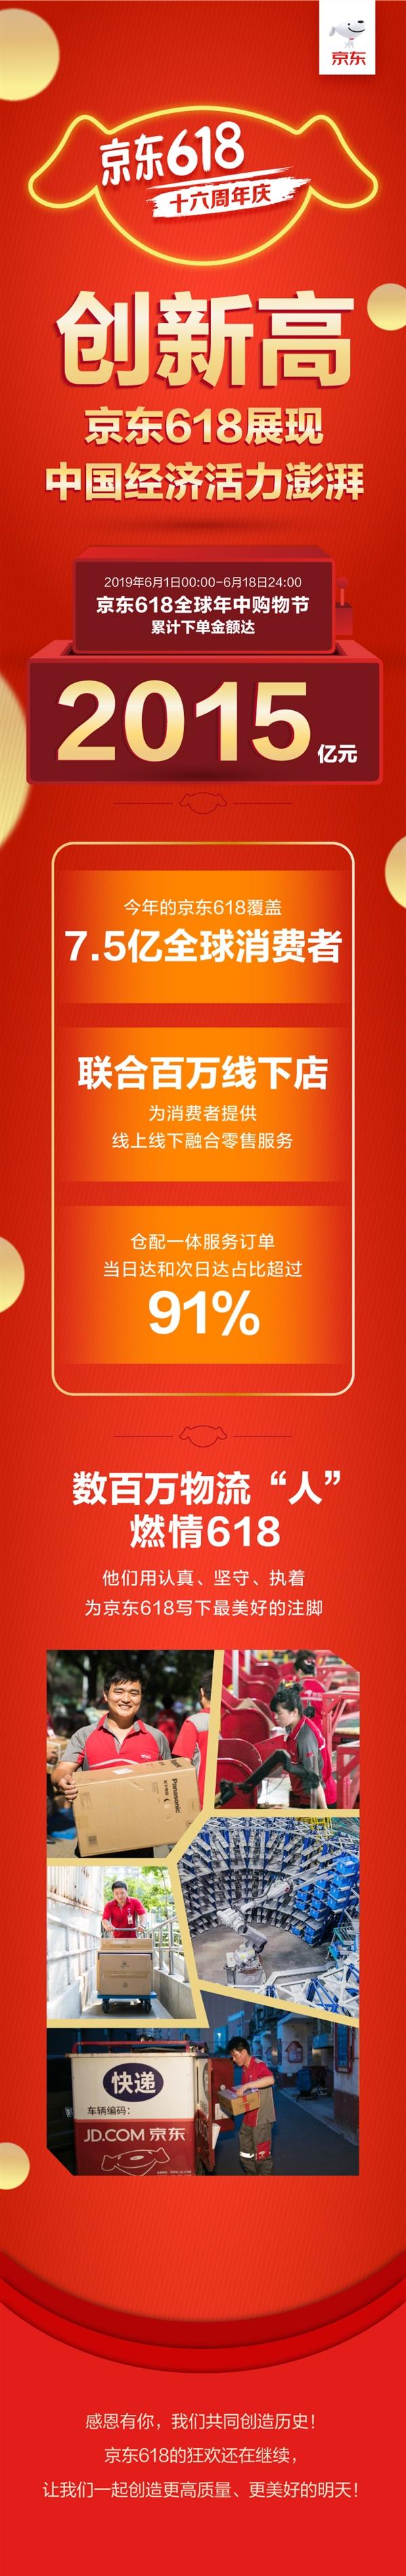 京東618全天戰報出爐:累計下單金額達2015億元